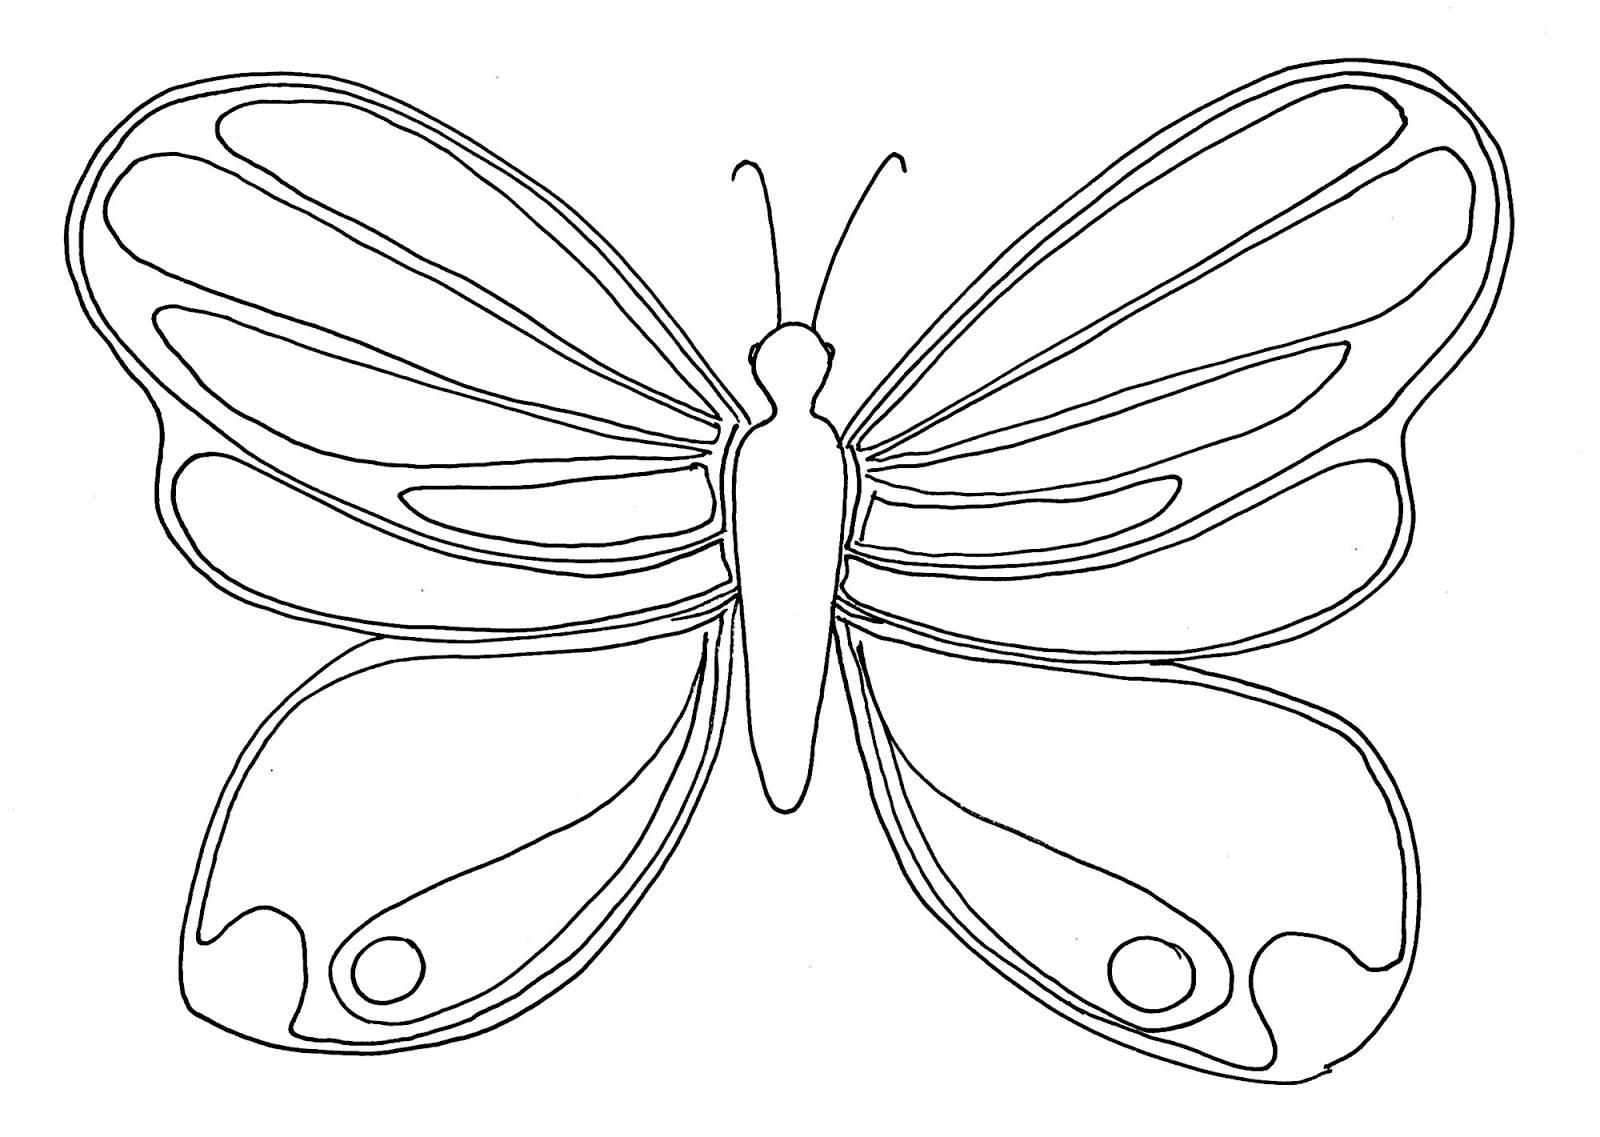 Tranh tô màu con bướm cơ bản